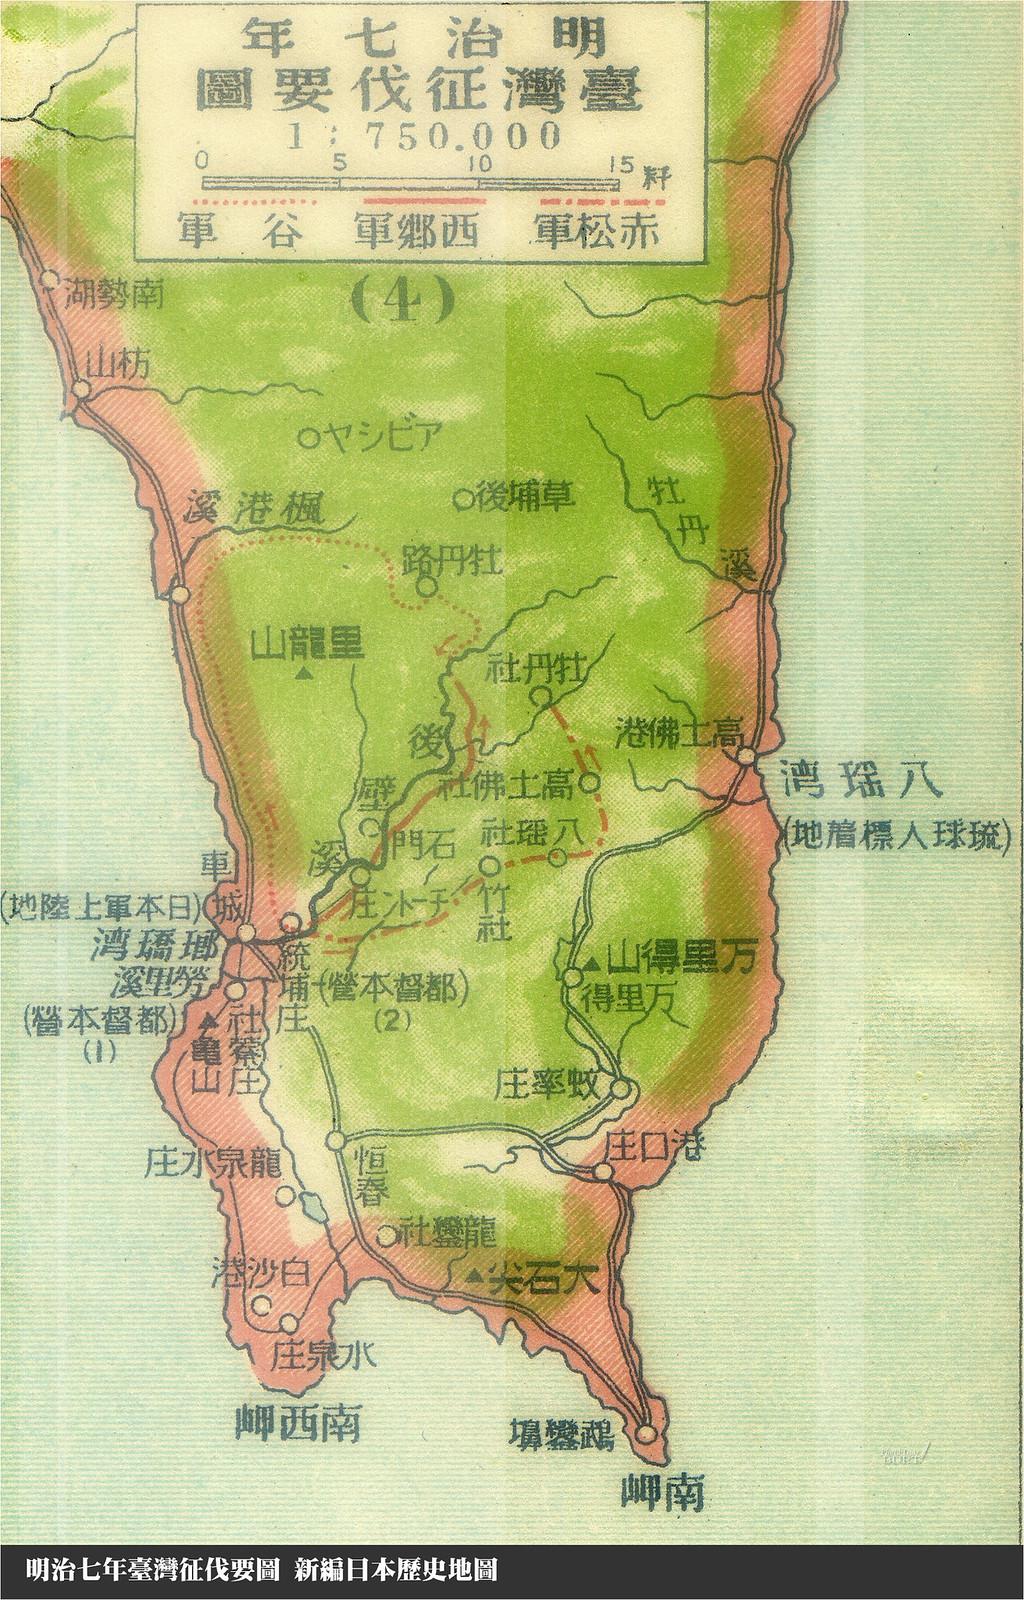 明治七年臺灣征伐要圖_新編日本歷史地圖